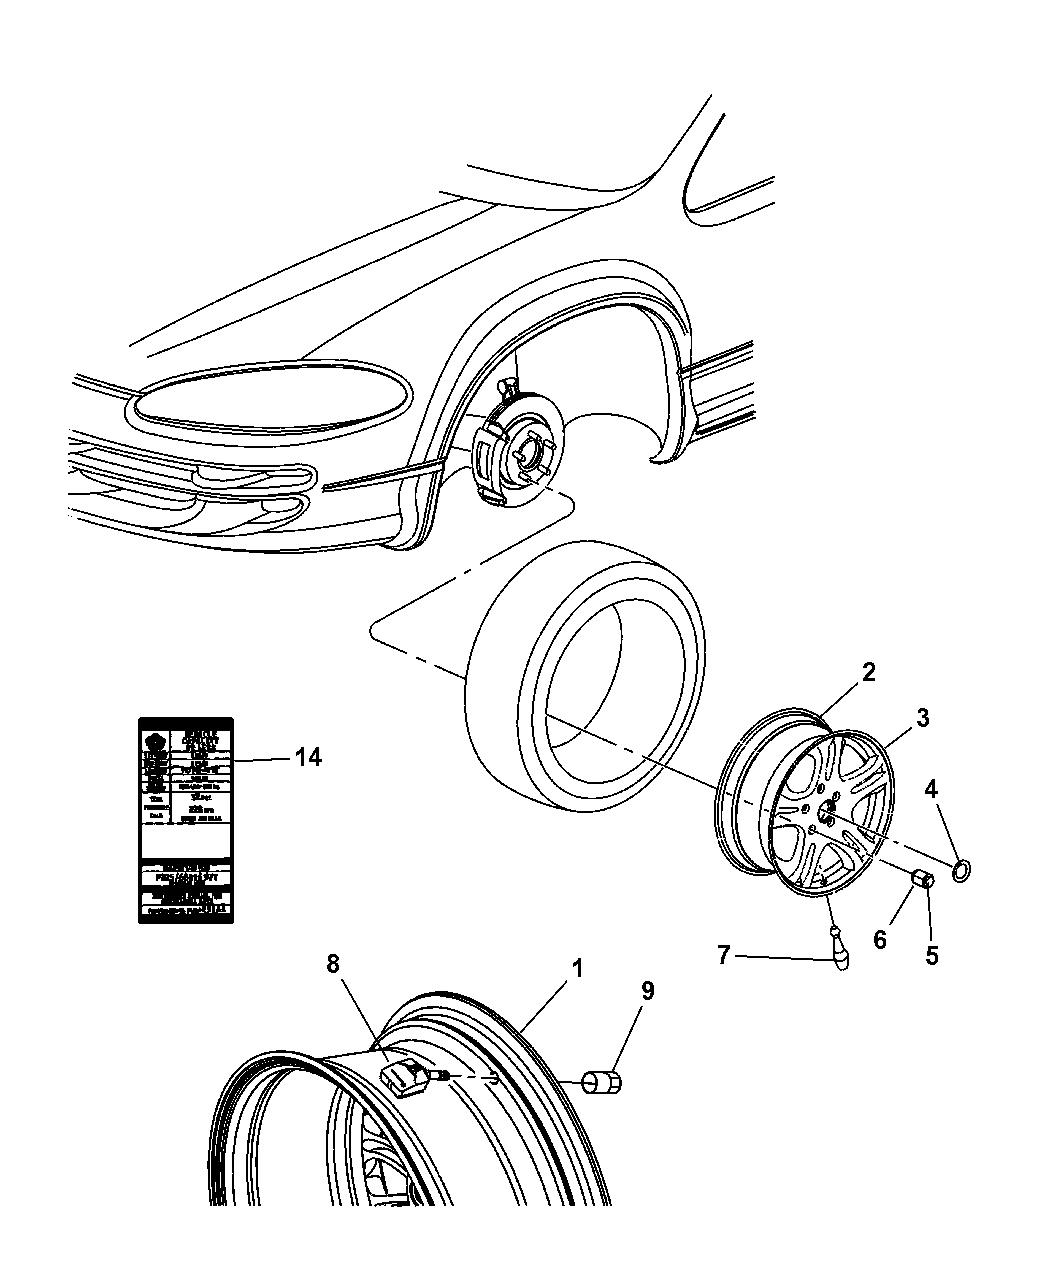 2004 Chrysler 300m Wheels  U0026 Hardware